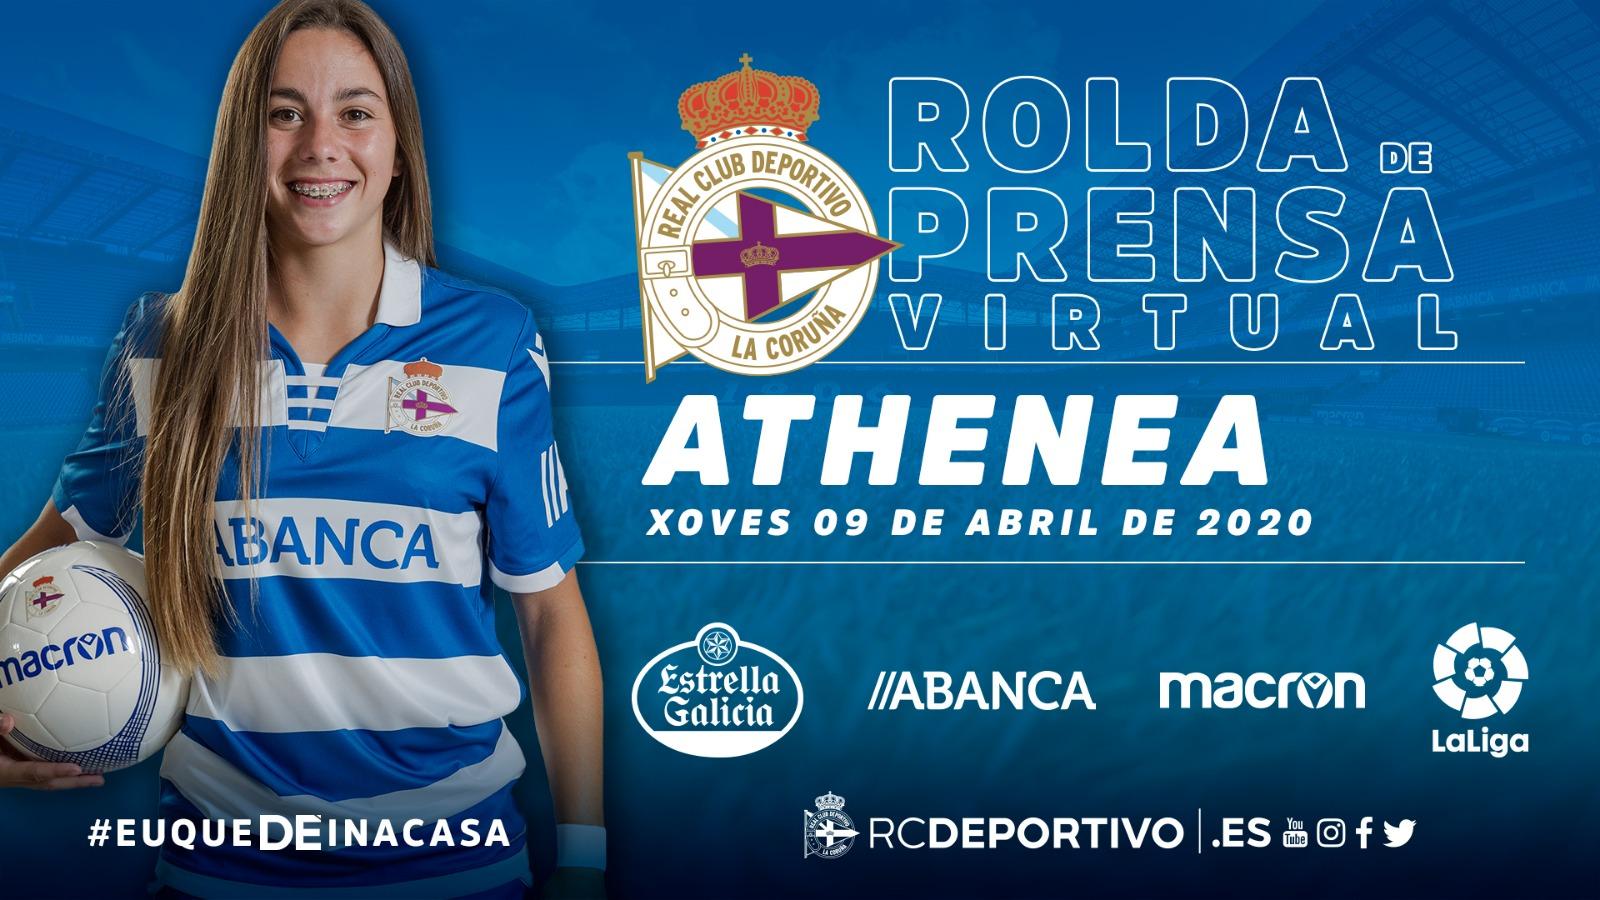 Athenea del Castillo rolda de prensa virtual   RCD